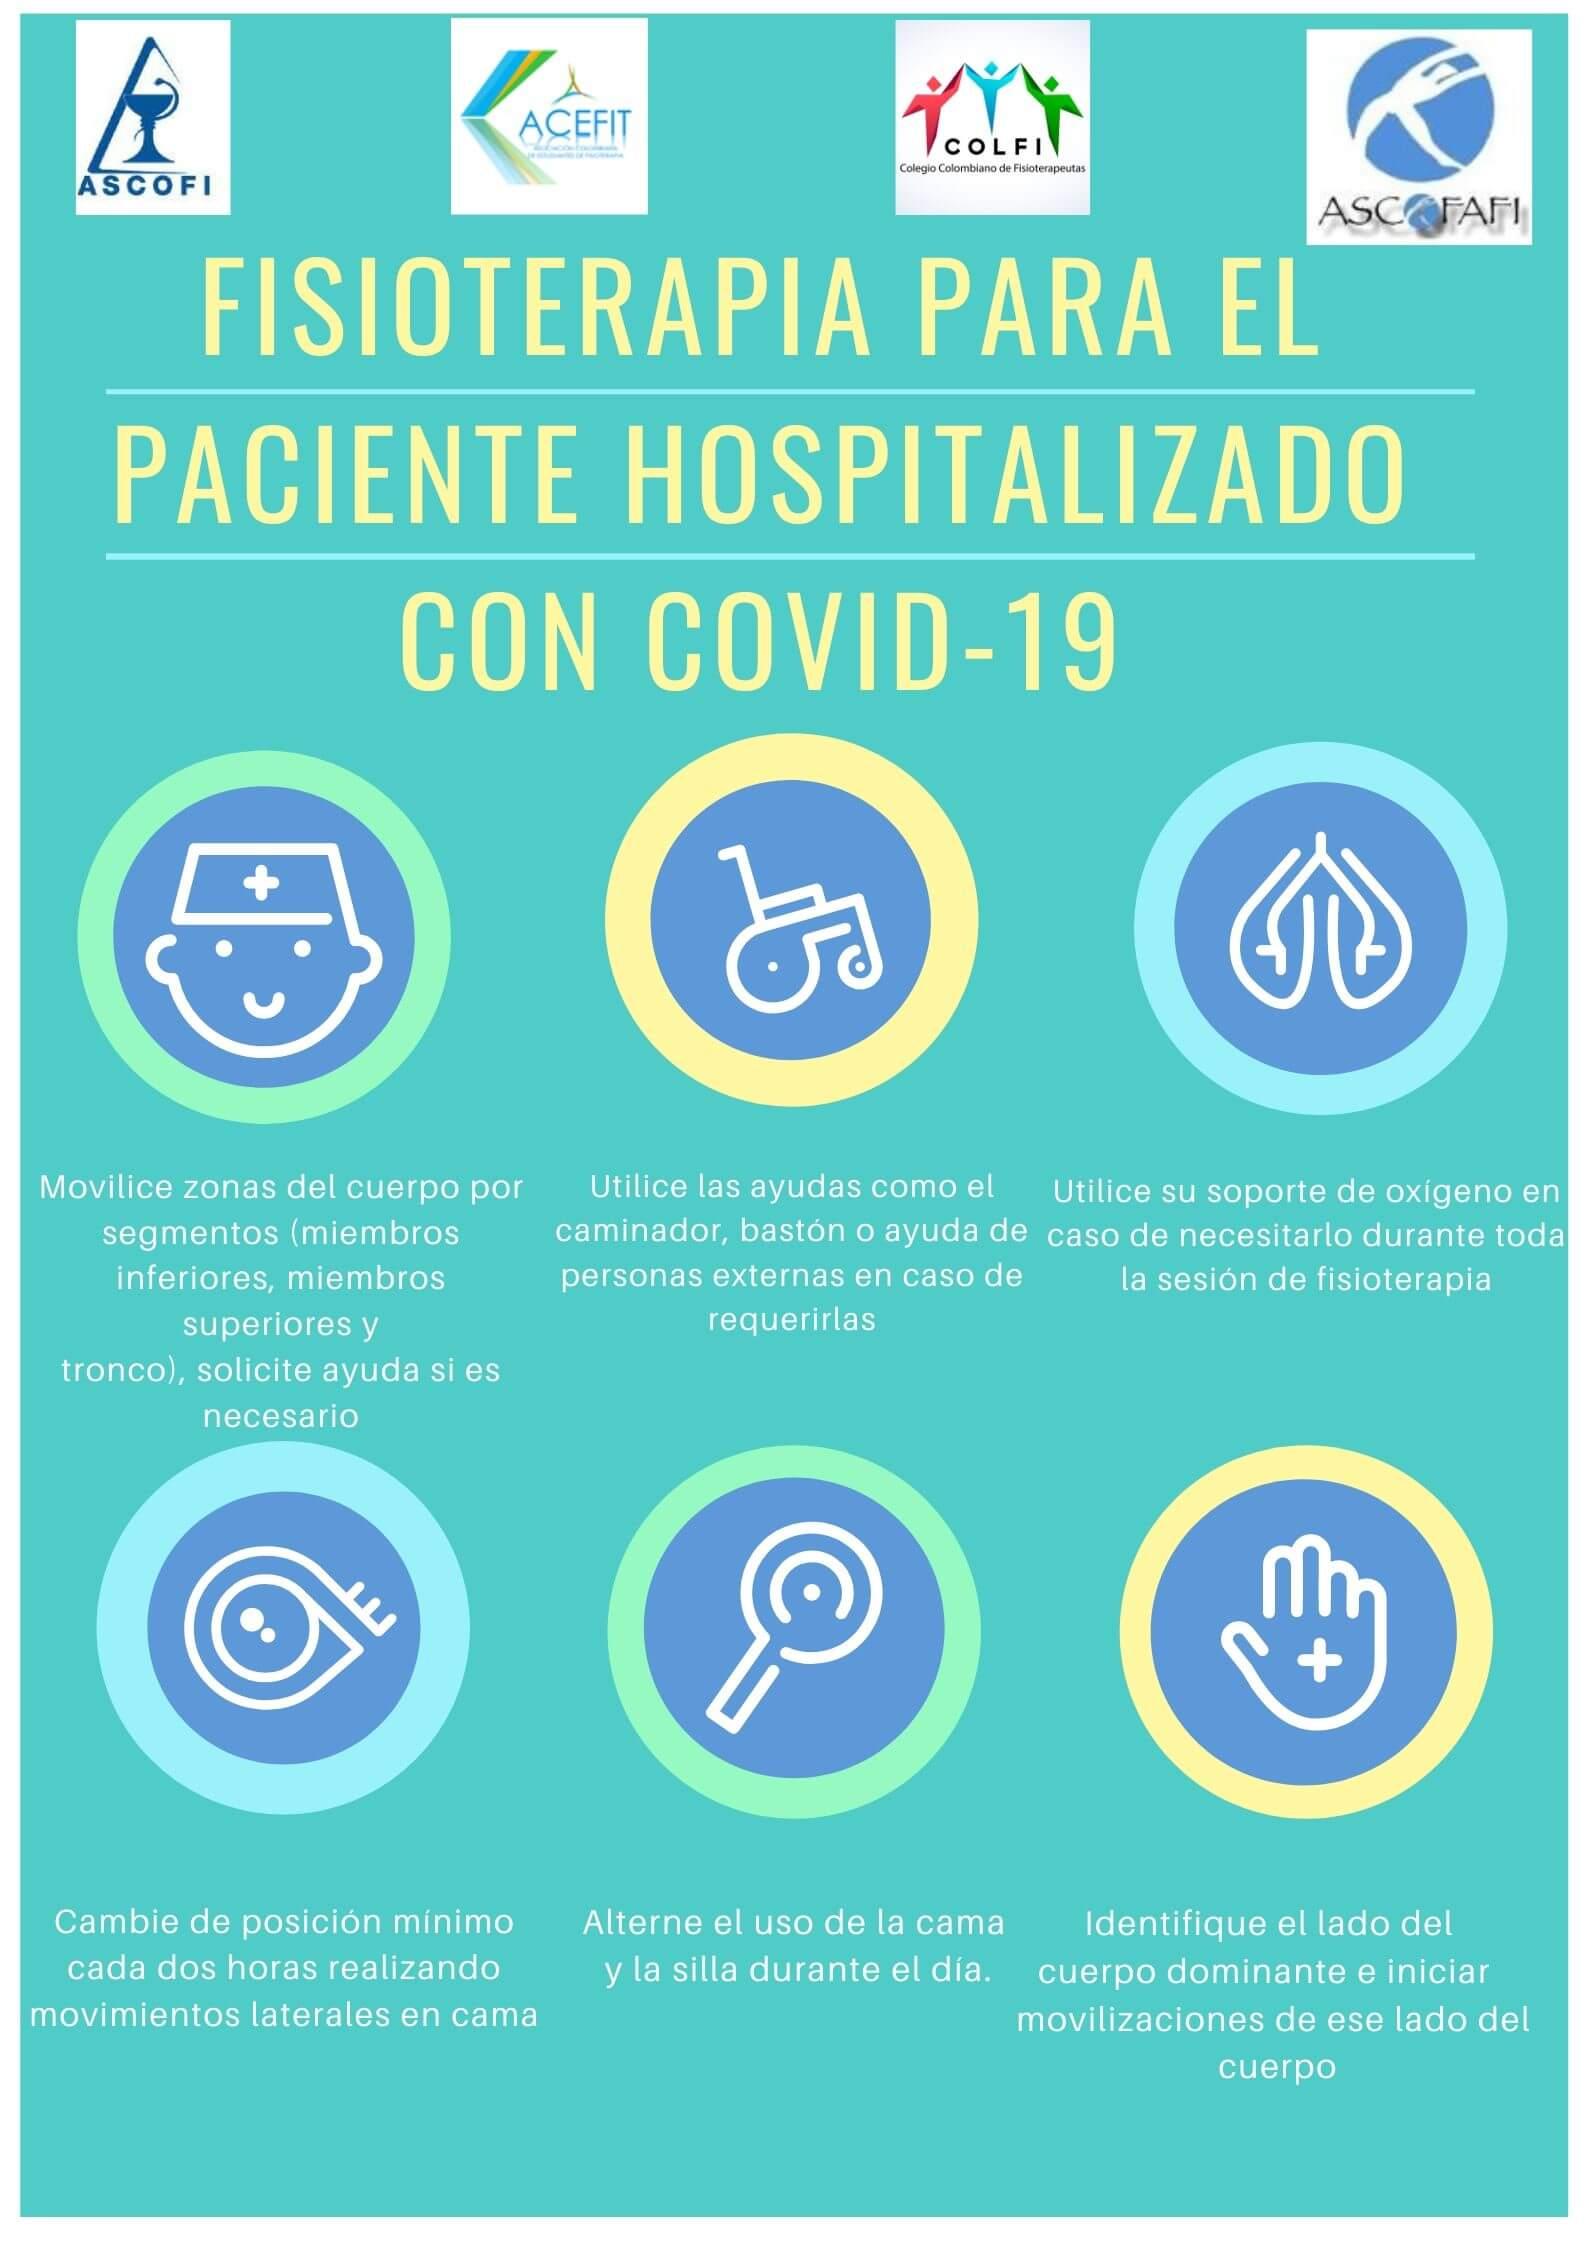 Elementos de protección personal, fisioterapia en hospitalización, entre otras.